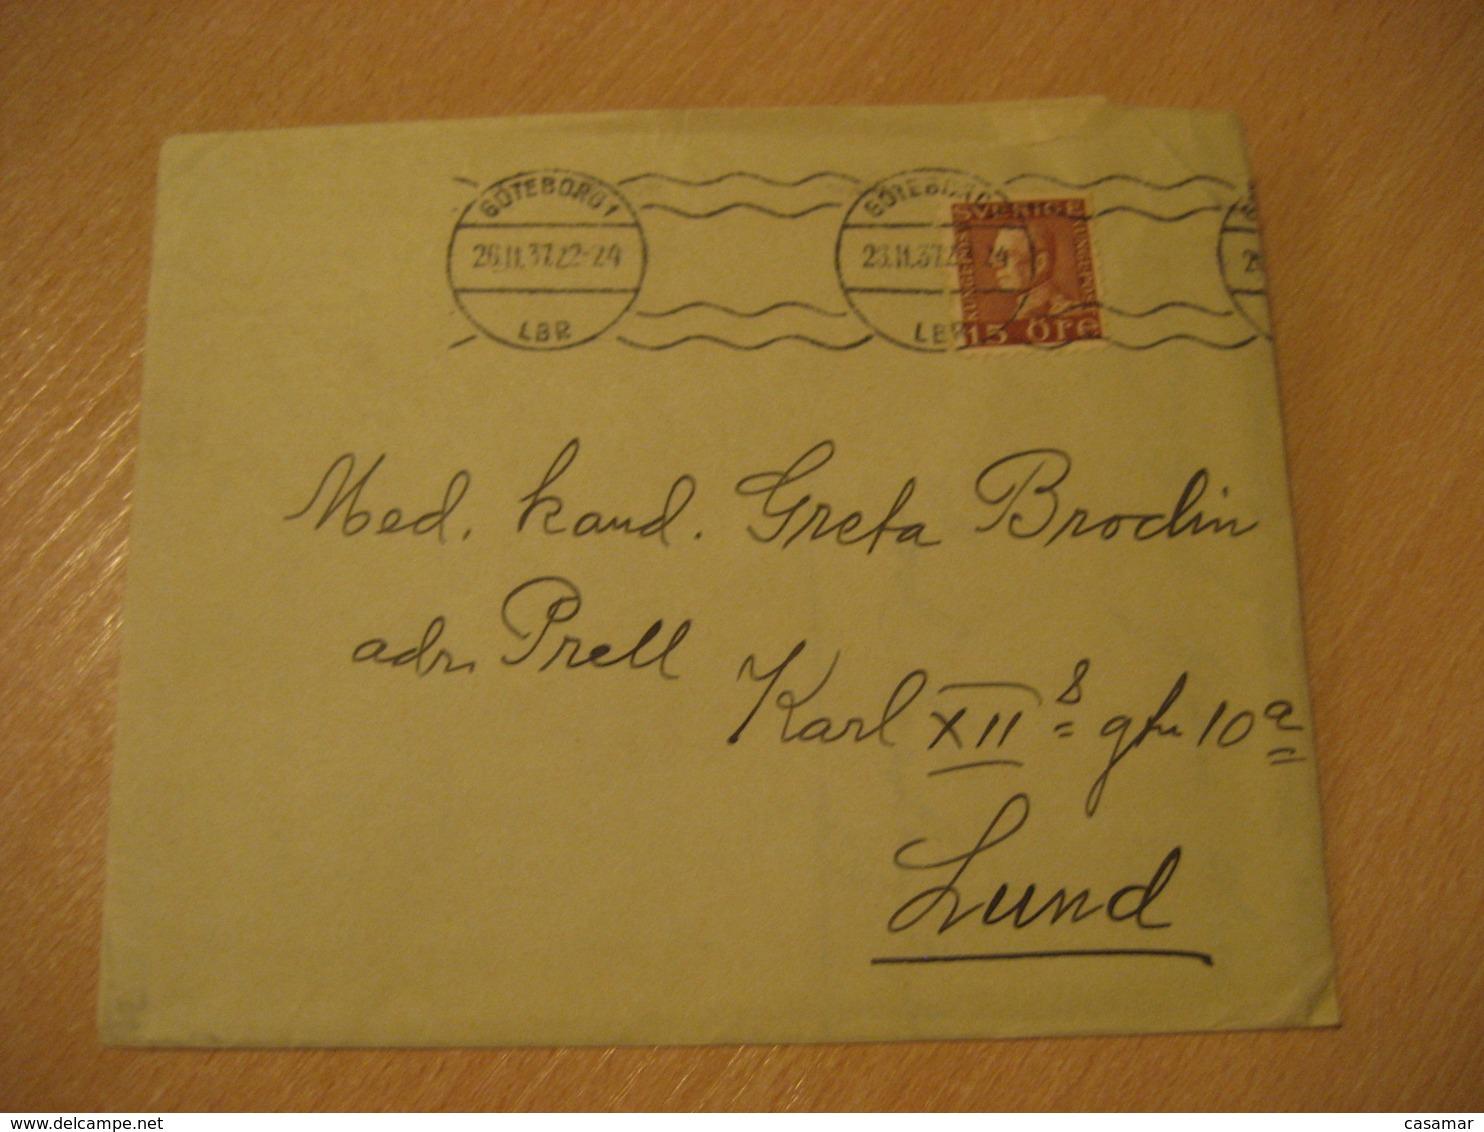 GOTEBORG 1937 Poster Stamp Label Vignette Flag Flags On Cancel Cover SWEDEN - Briefe